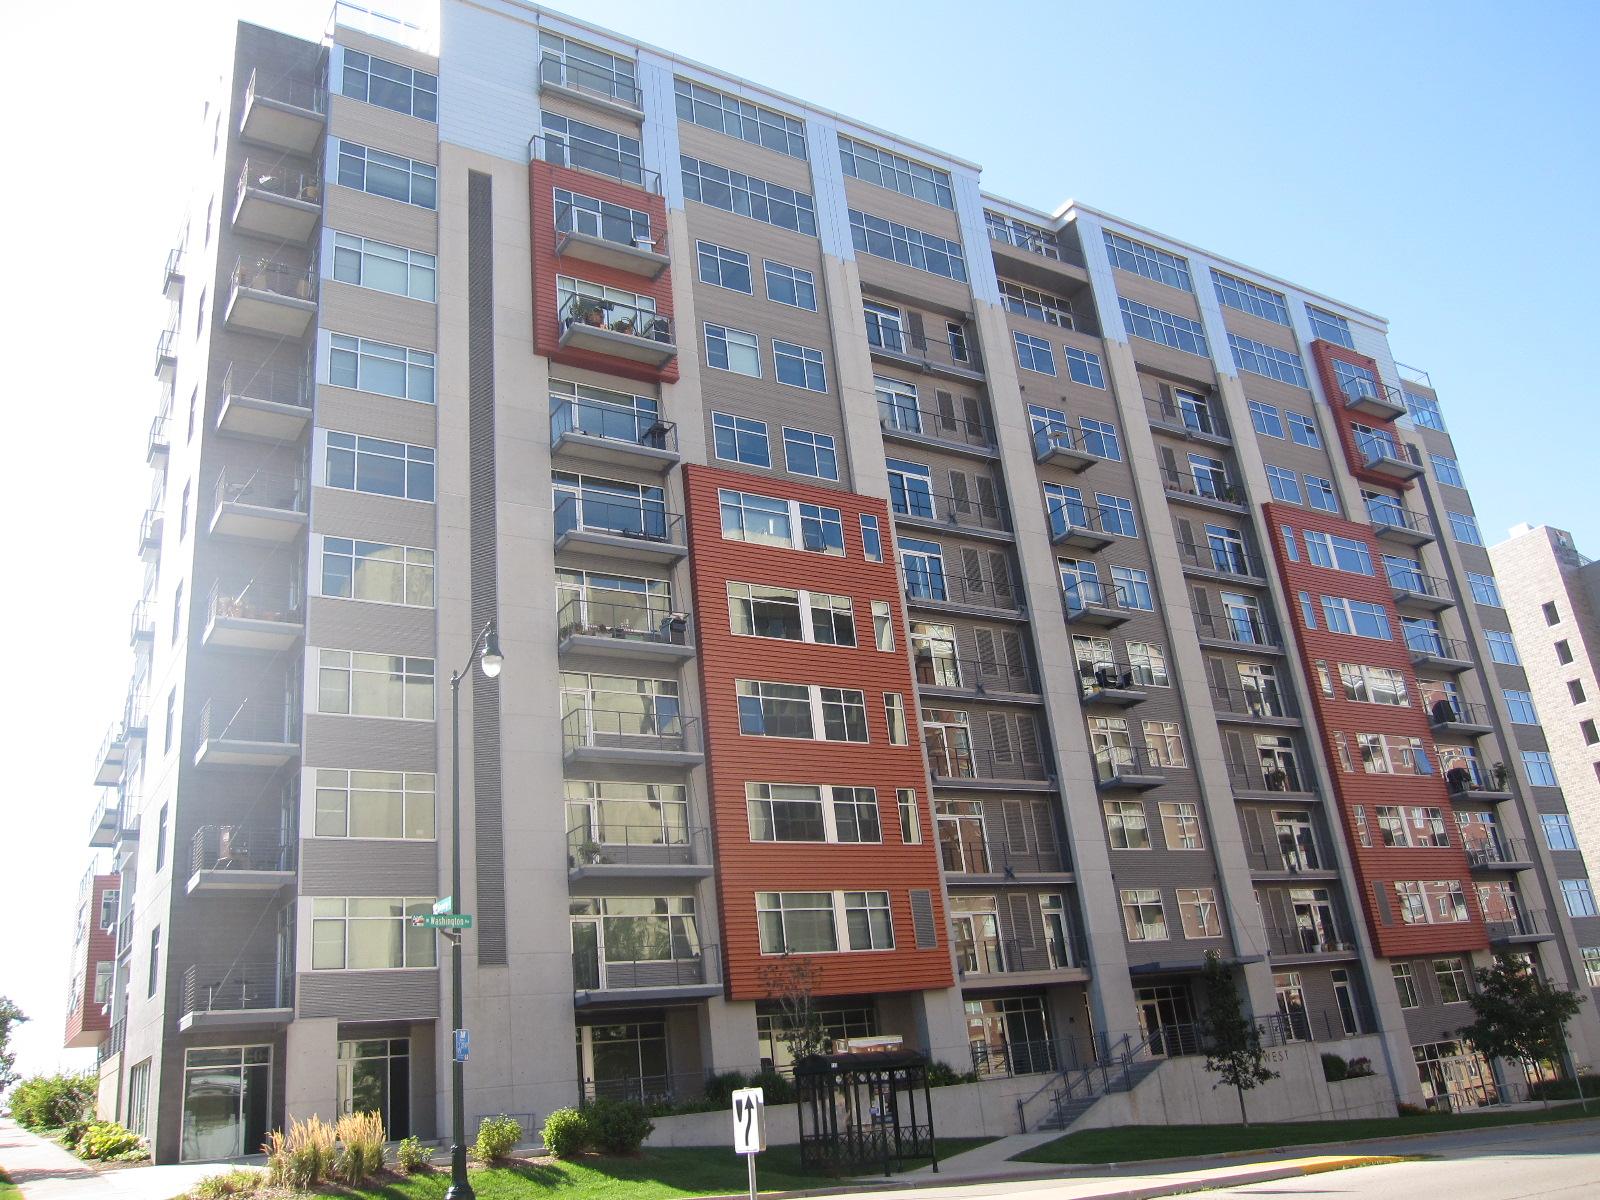 309 W Washington Ave